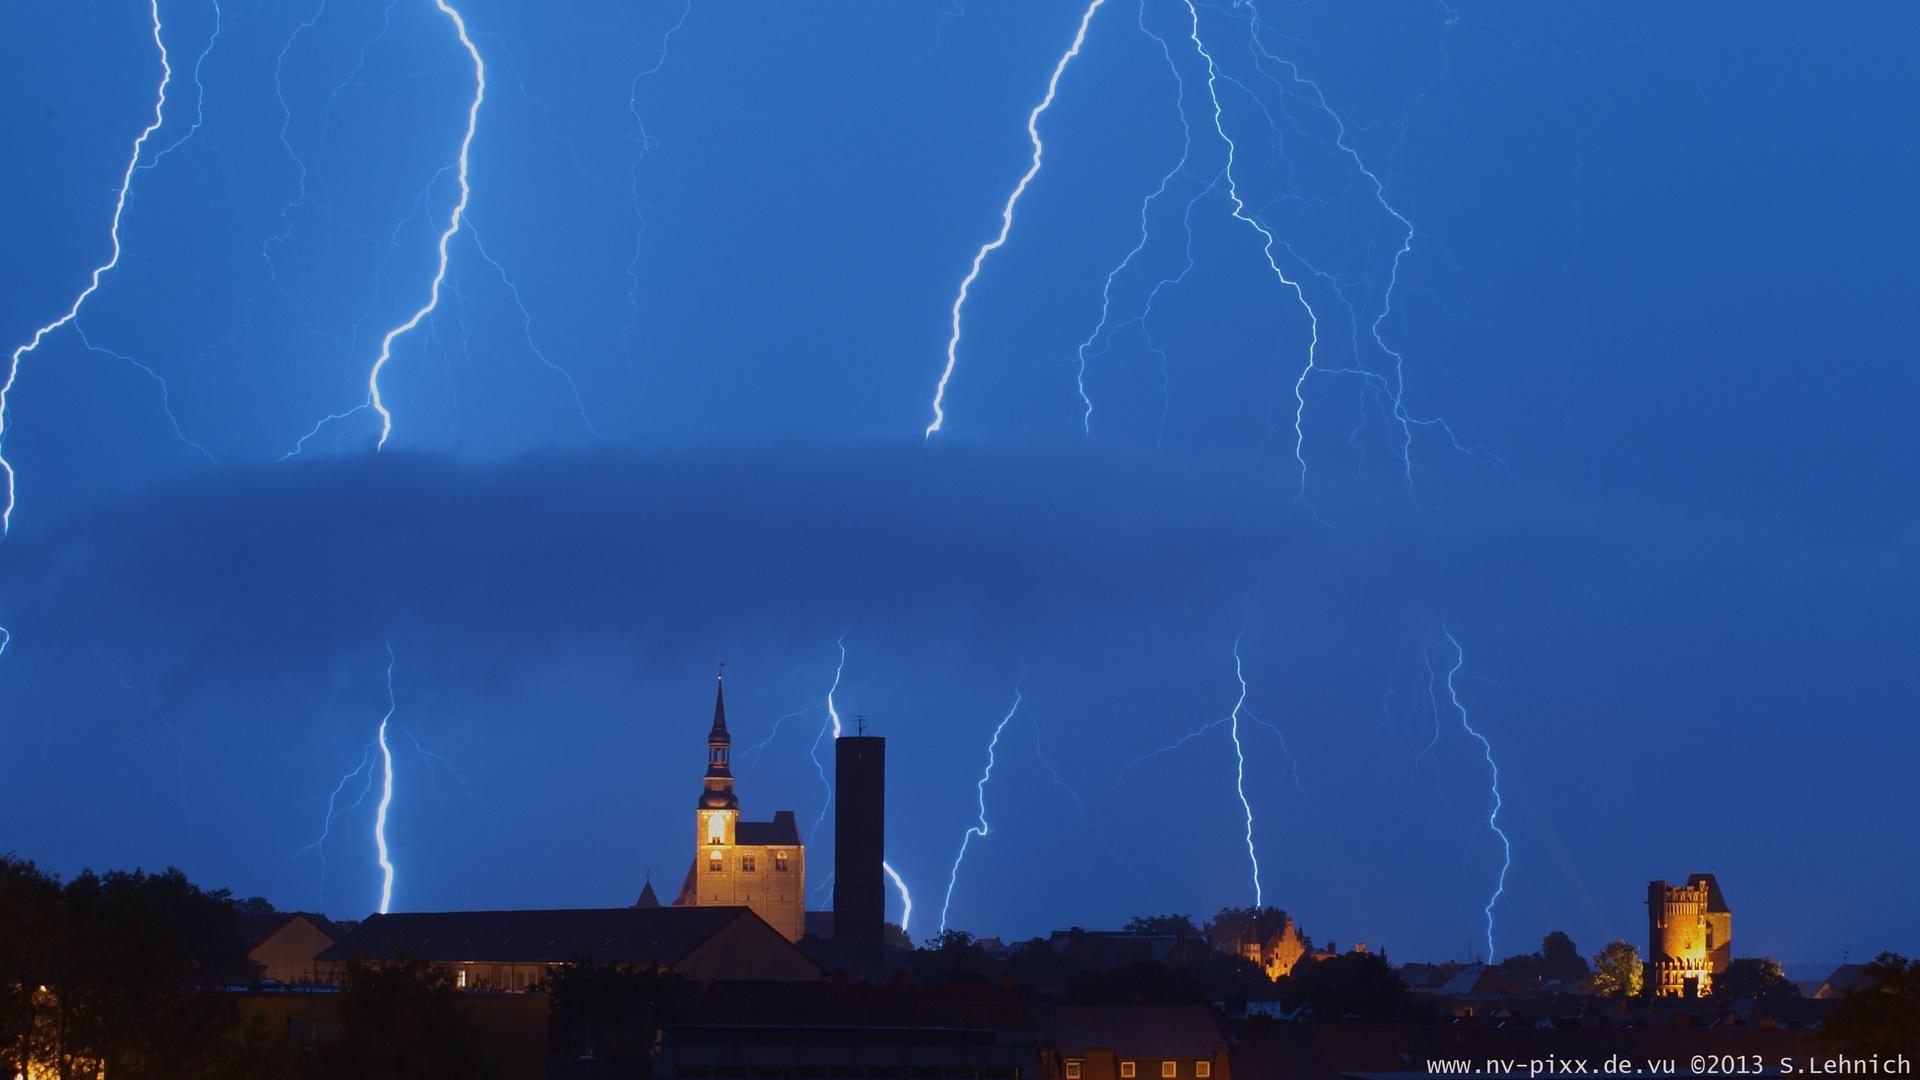 Gewitter über Tangermünde